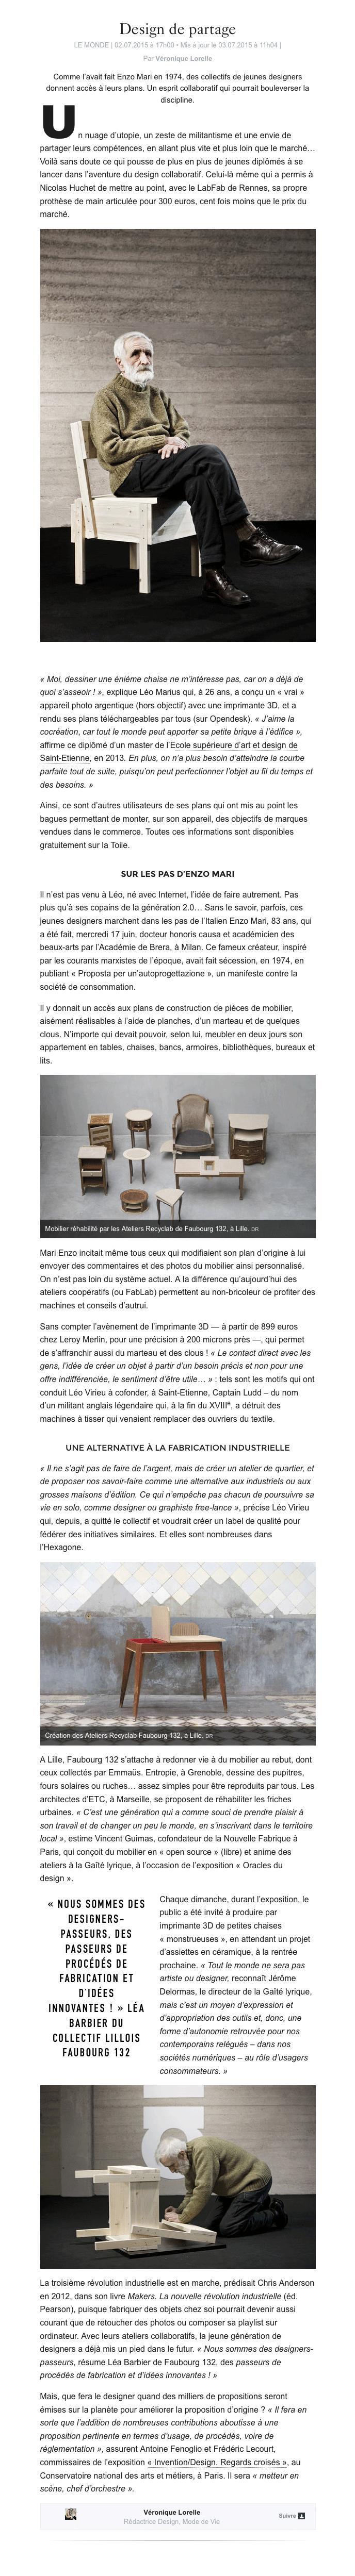 Design-de-partage-véronique-lorelle-faubourg-132-web